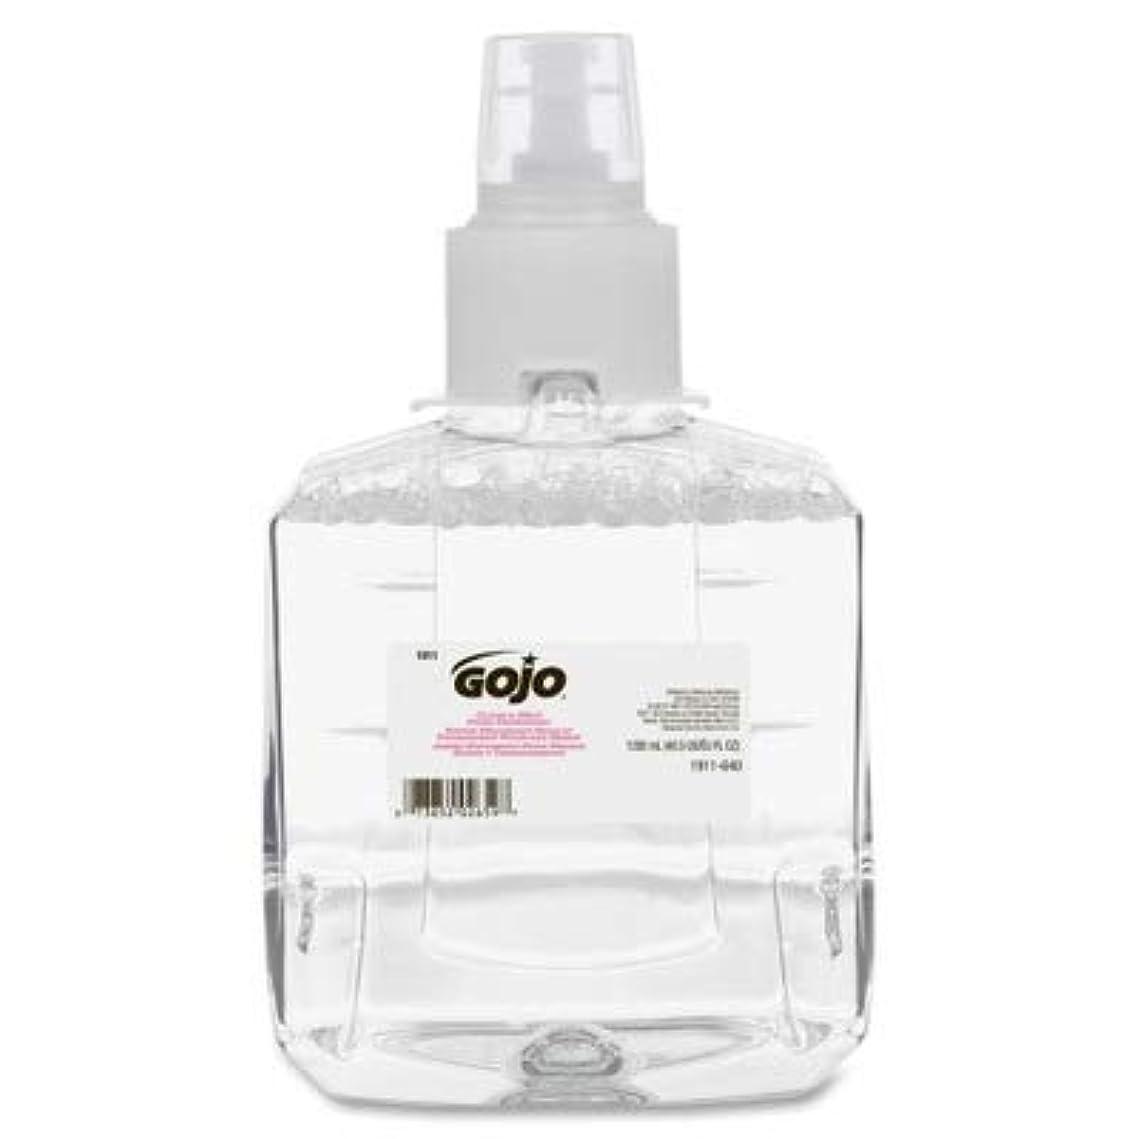 ドール積極的に良心的goj191102 – クリアAmp ; Mild Foam手洗い、1200 ml詰め替え、無香